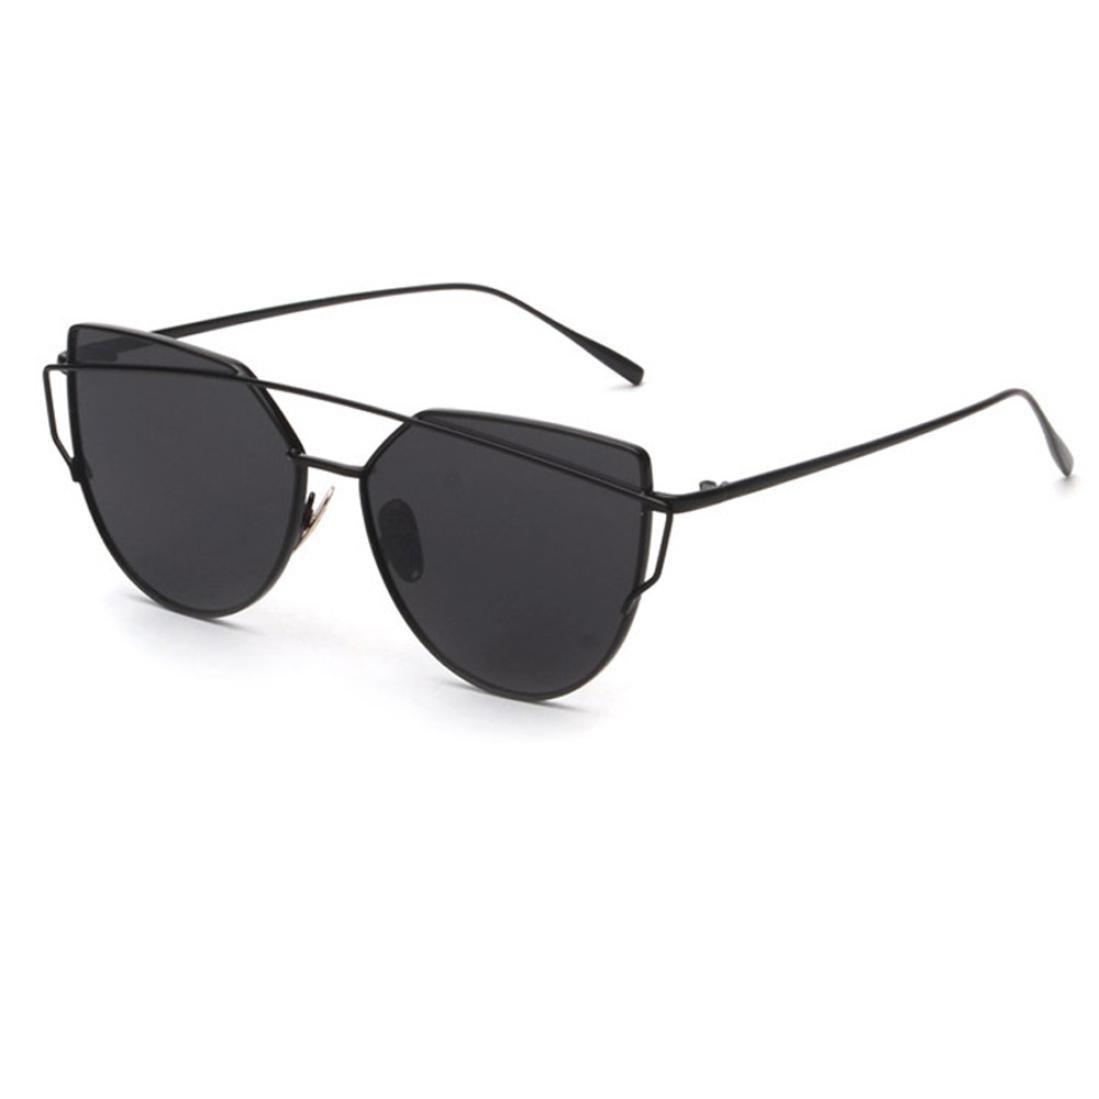 Amlaiworld Occhi di gatto occhiali,Moda occhiali da sole classici di Twin-travi,Donne metallo occhiali da sole specchio per viaggiare (Nero)